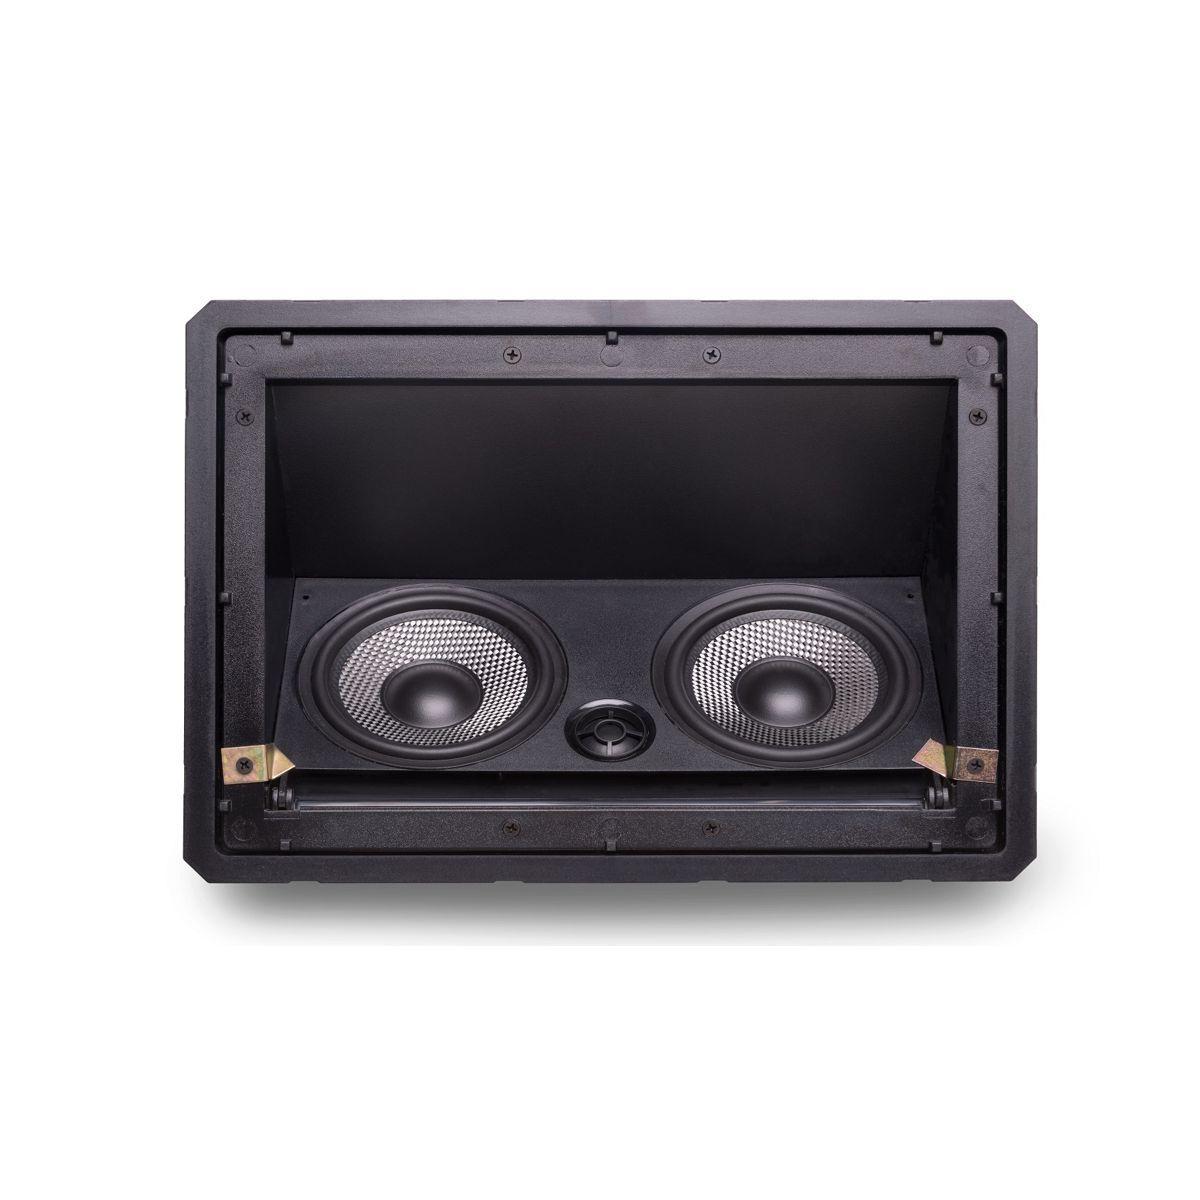 Caixa Acústica de Embutir no Gesso Borderless C/ Ajuste de Angulo LHT-100 BL LOUD